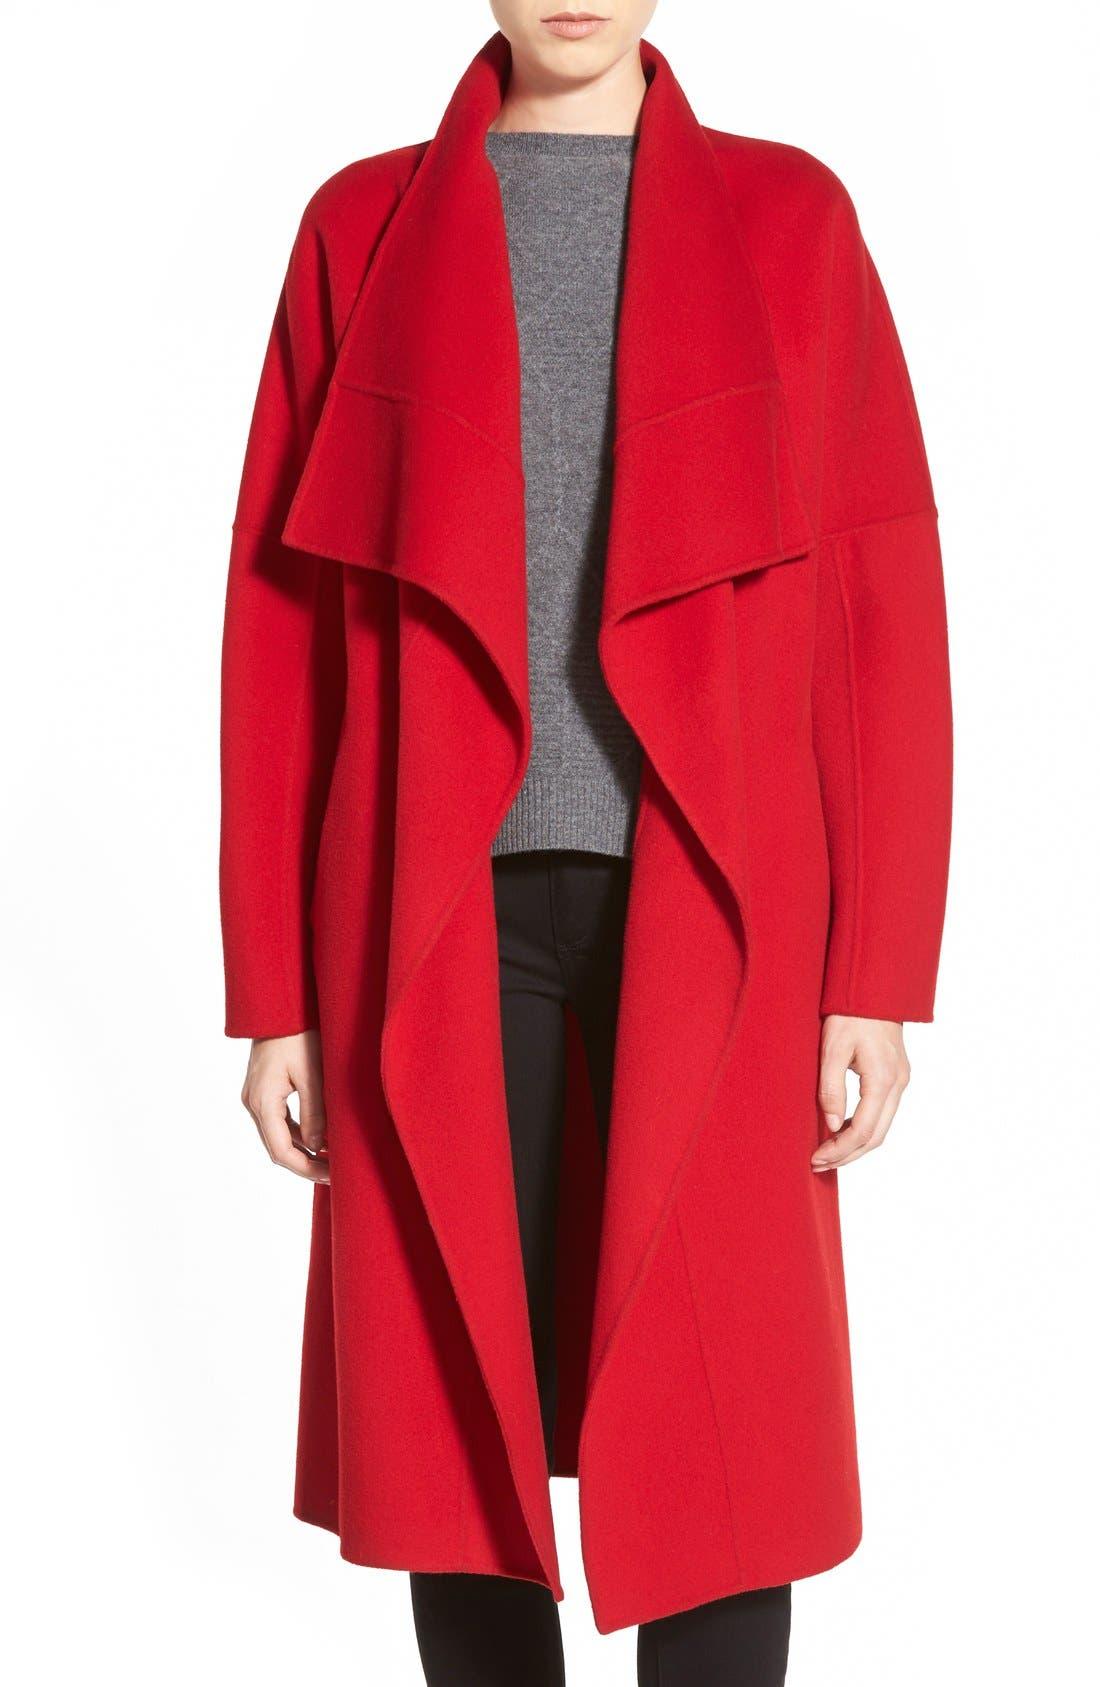 Main Image - Badgley Mischka 'Audrey' LongDouble FaceWrap Coat